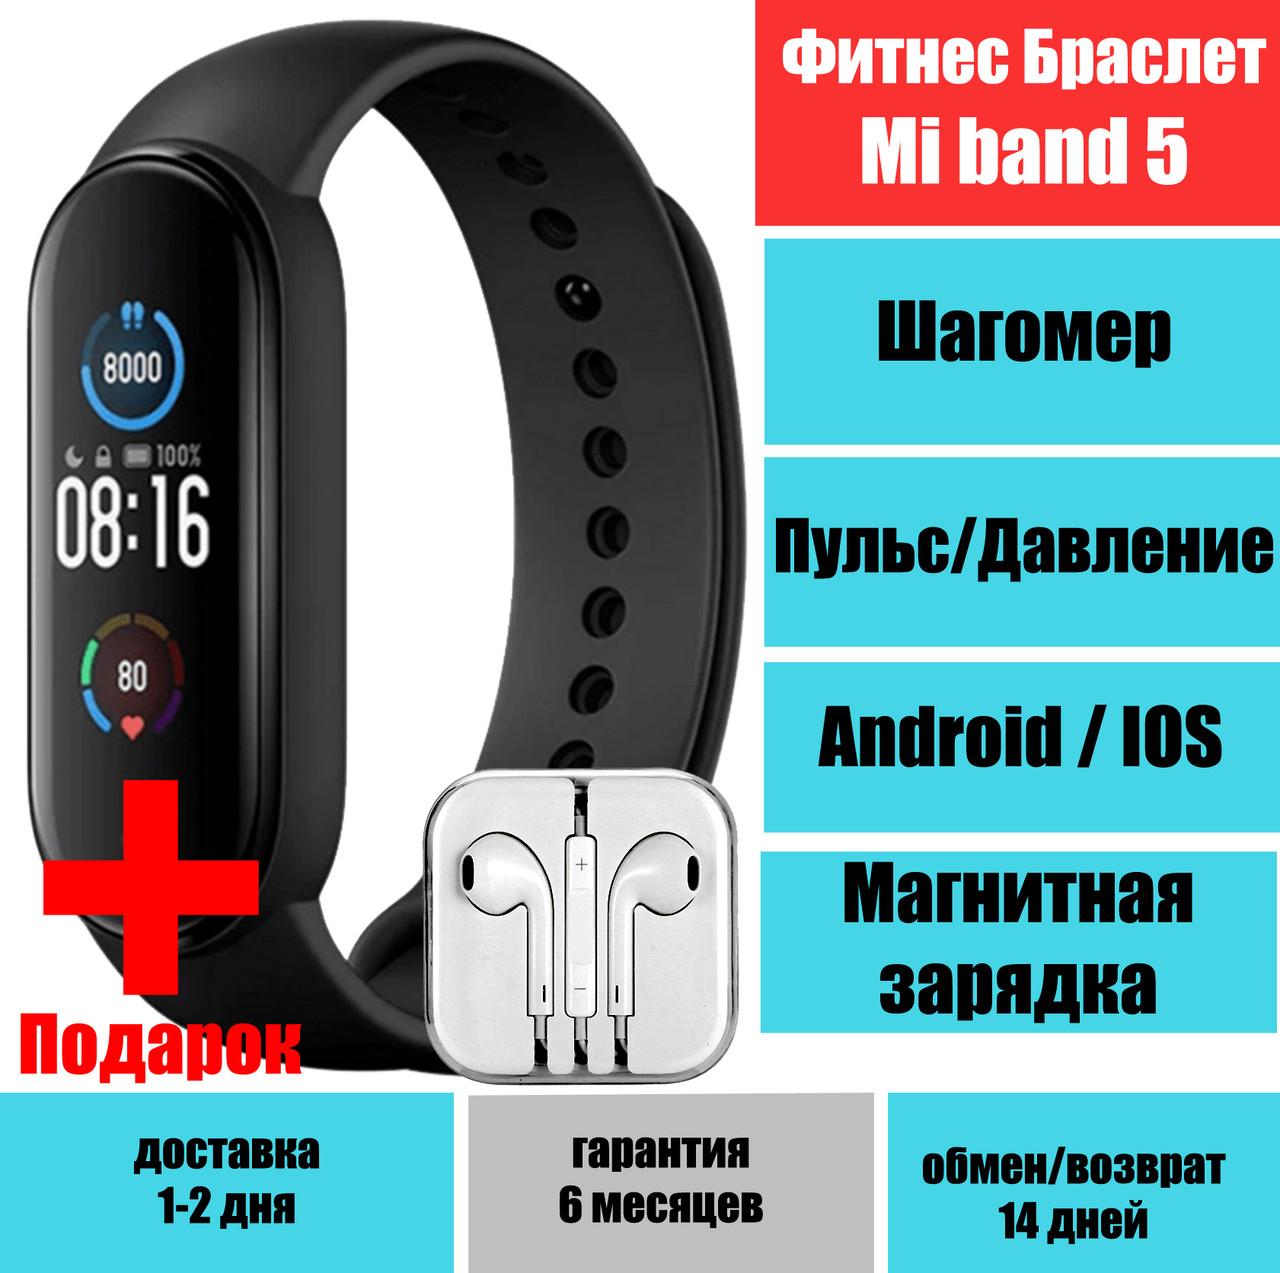 Фитнес браслет Xiaomi Mi Band 5 тонометр, пульс, давление, QualitiReplica реплика магнитная зарядка